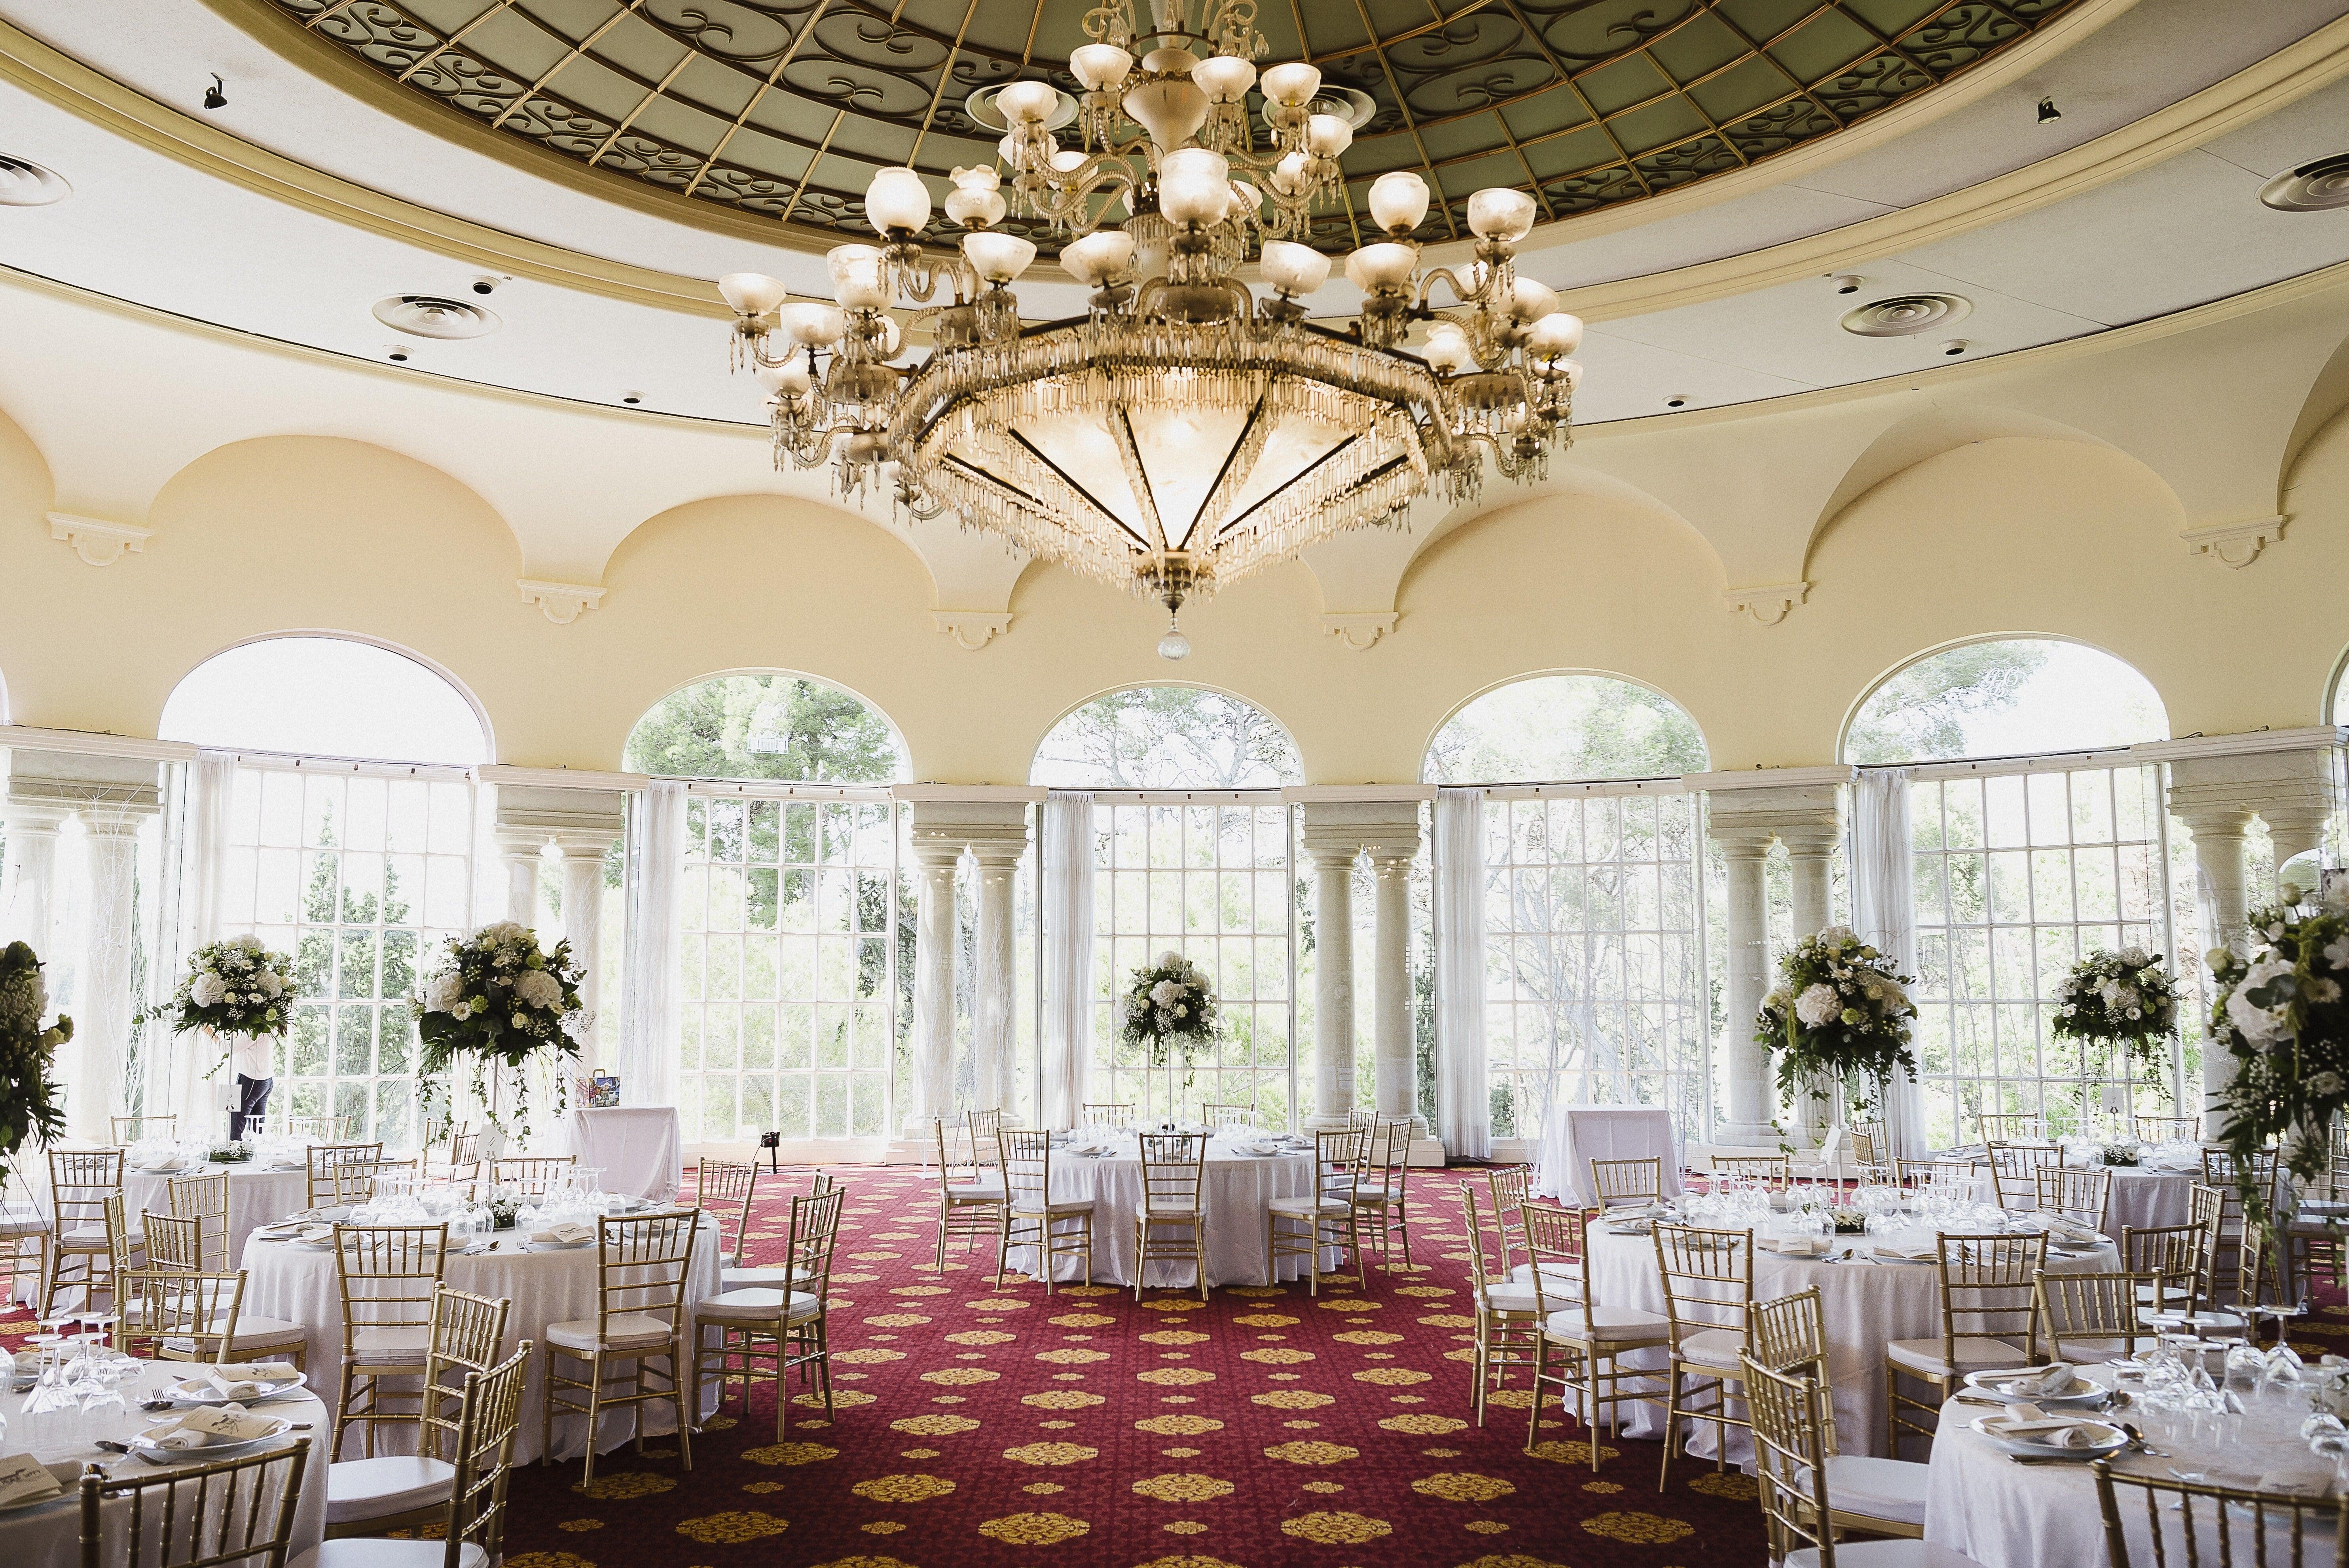 Tu boda perfecta con cada detalle en su sitio - Claire, Wedding Planner y diseñadora en Barcelona y toda Cataluña.